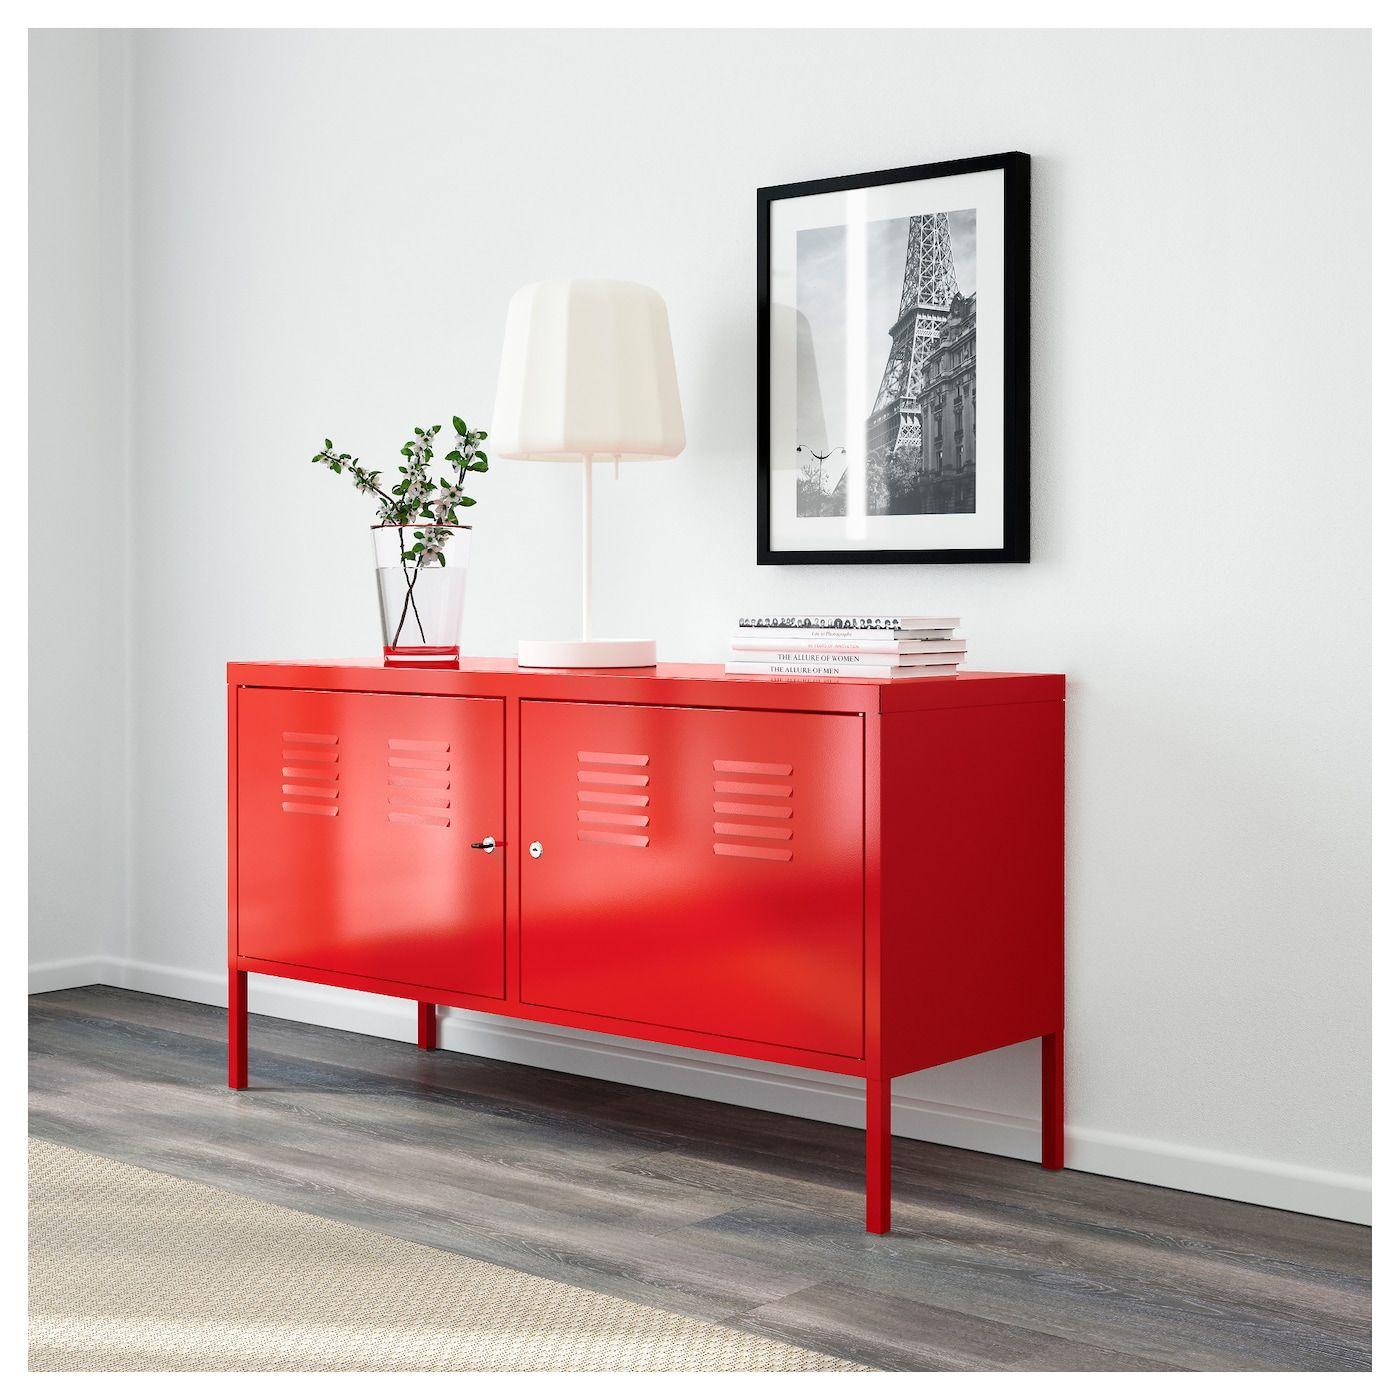 Ps Armoire Metallique Rouge 46 7 8x24 3 4 119x63 Cm Avec Images Meuble Metal Ikea Mobilier De Salon Armoire Metallique